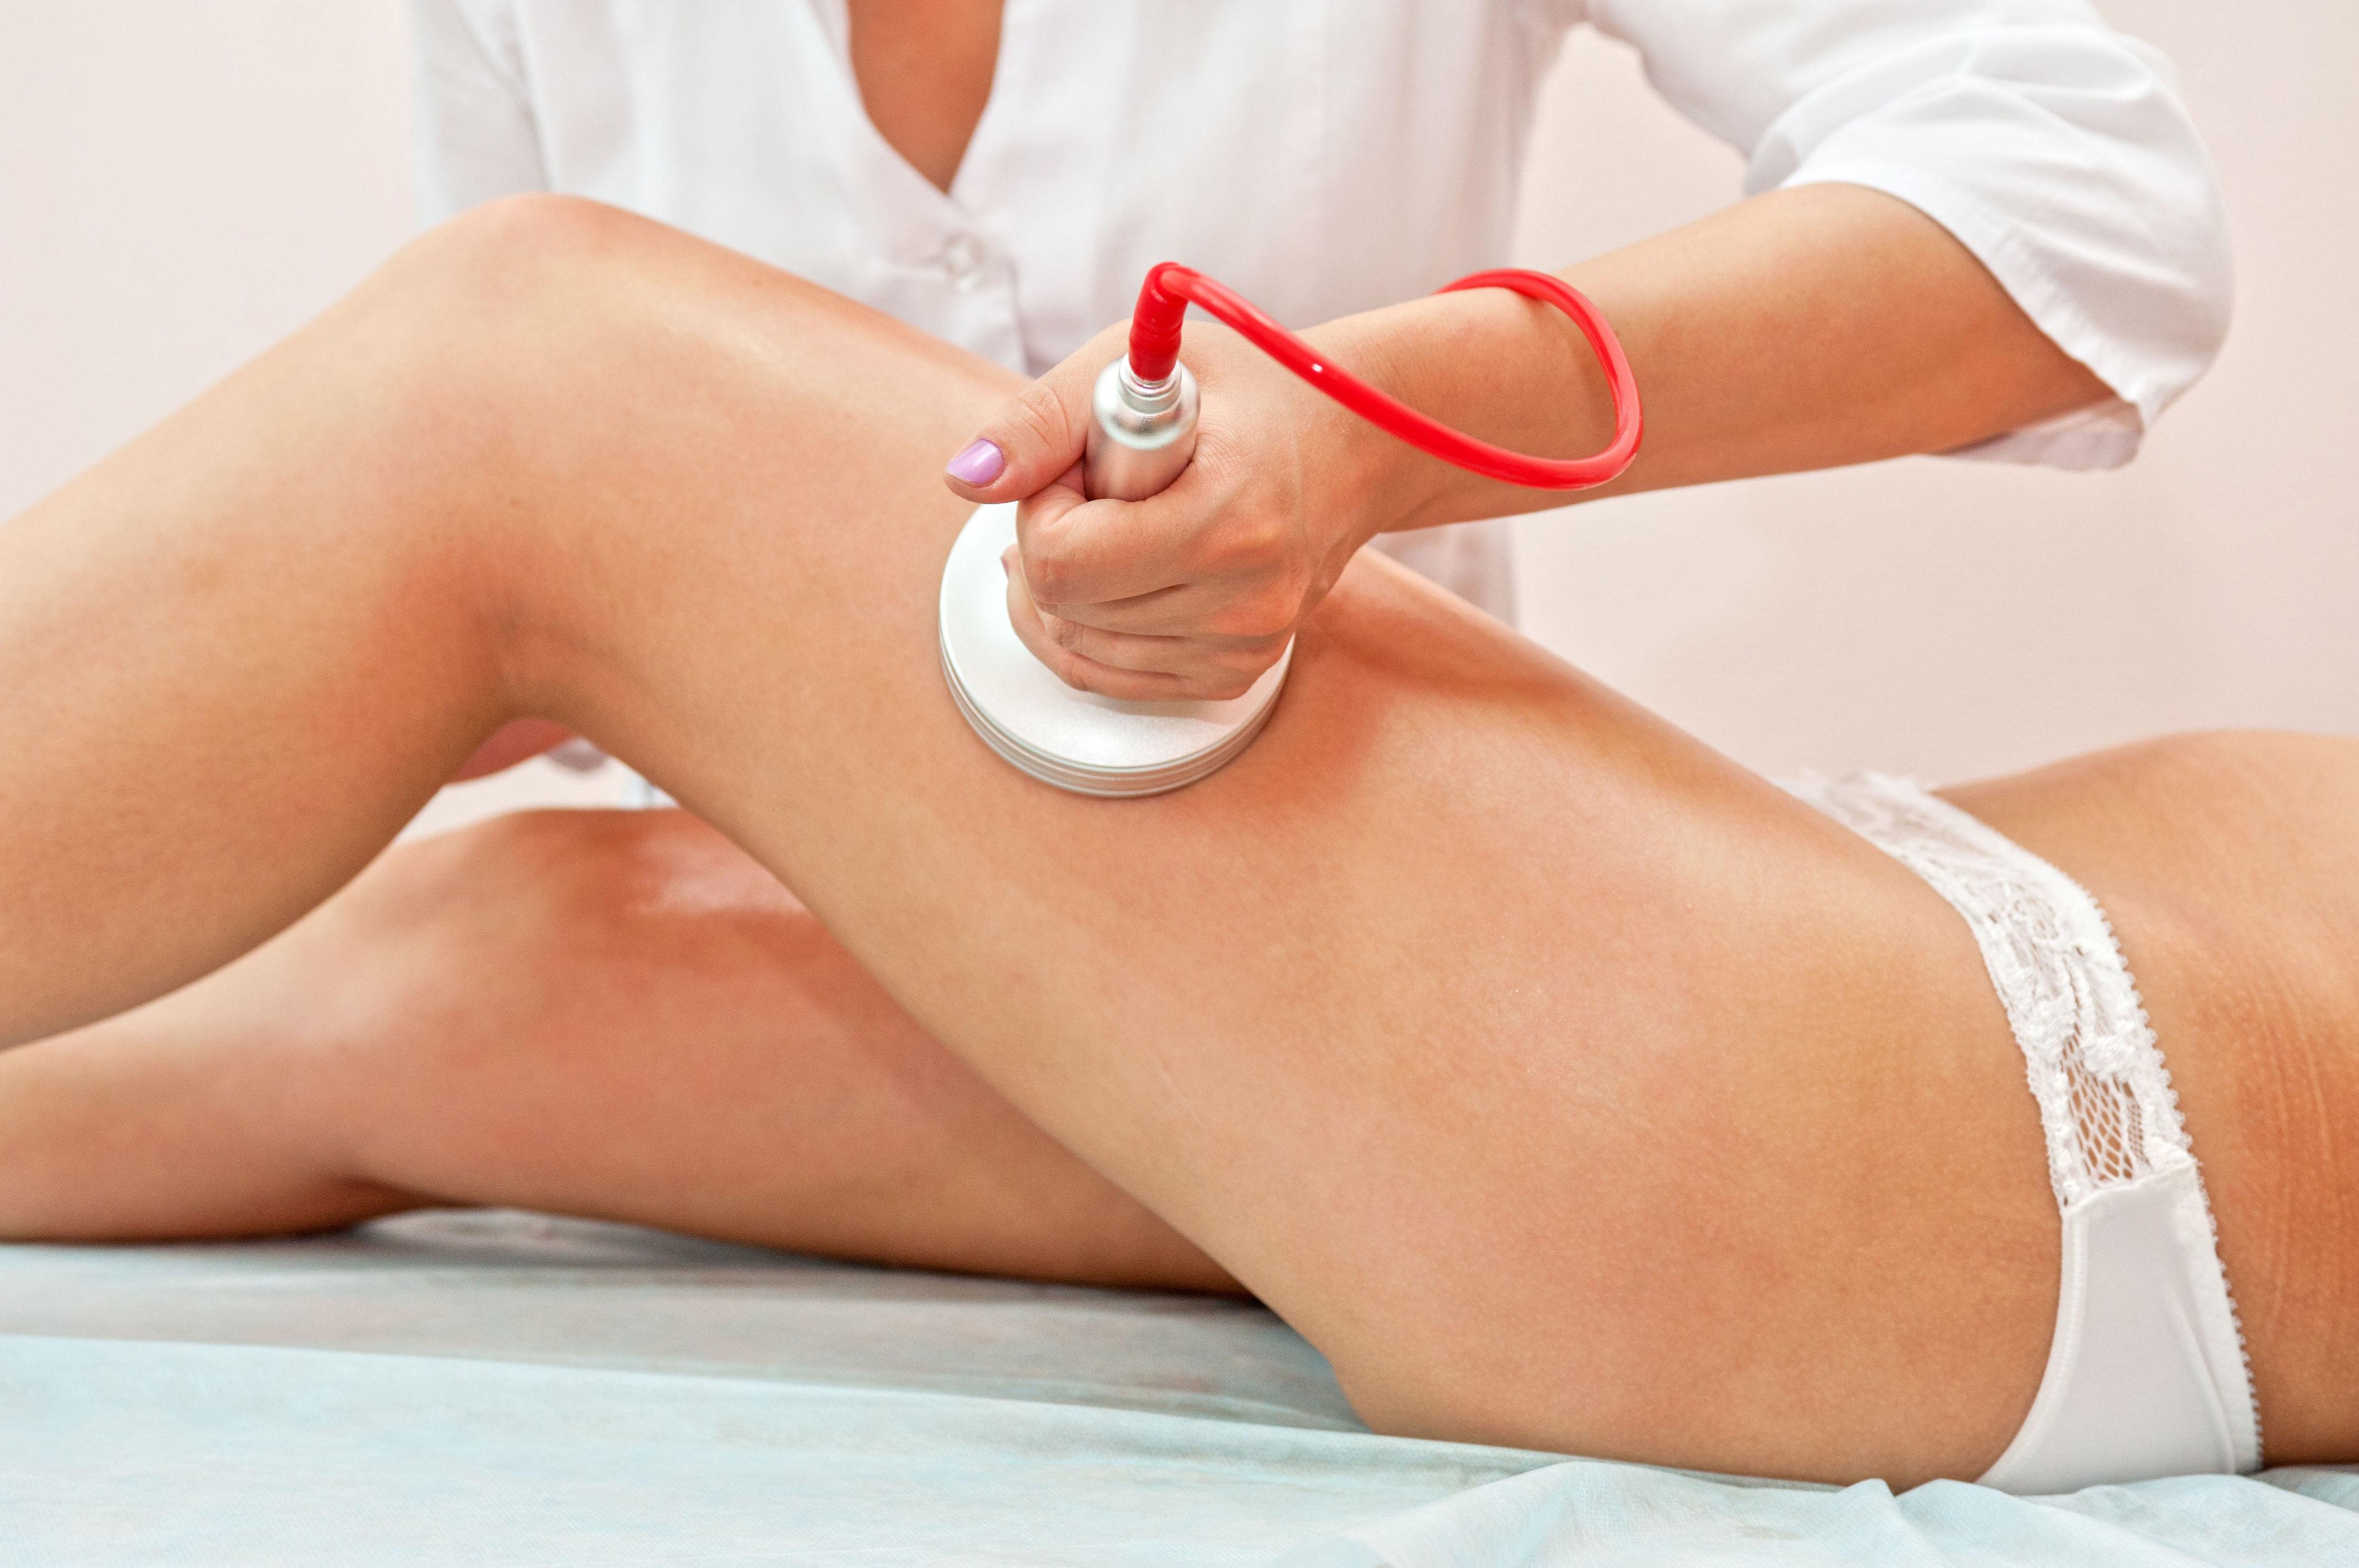 Tratamientos corporales con cavitación: Servicios de Peluquería Juvestile